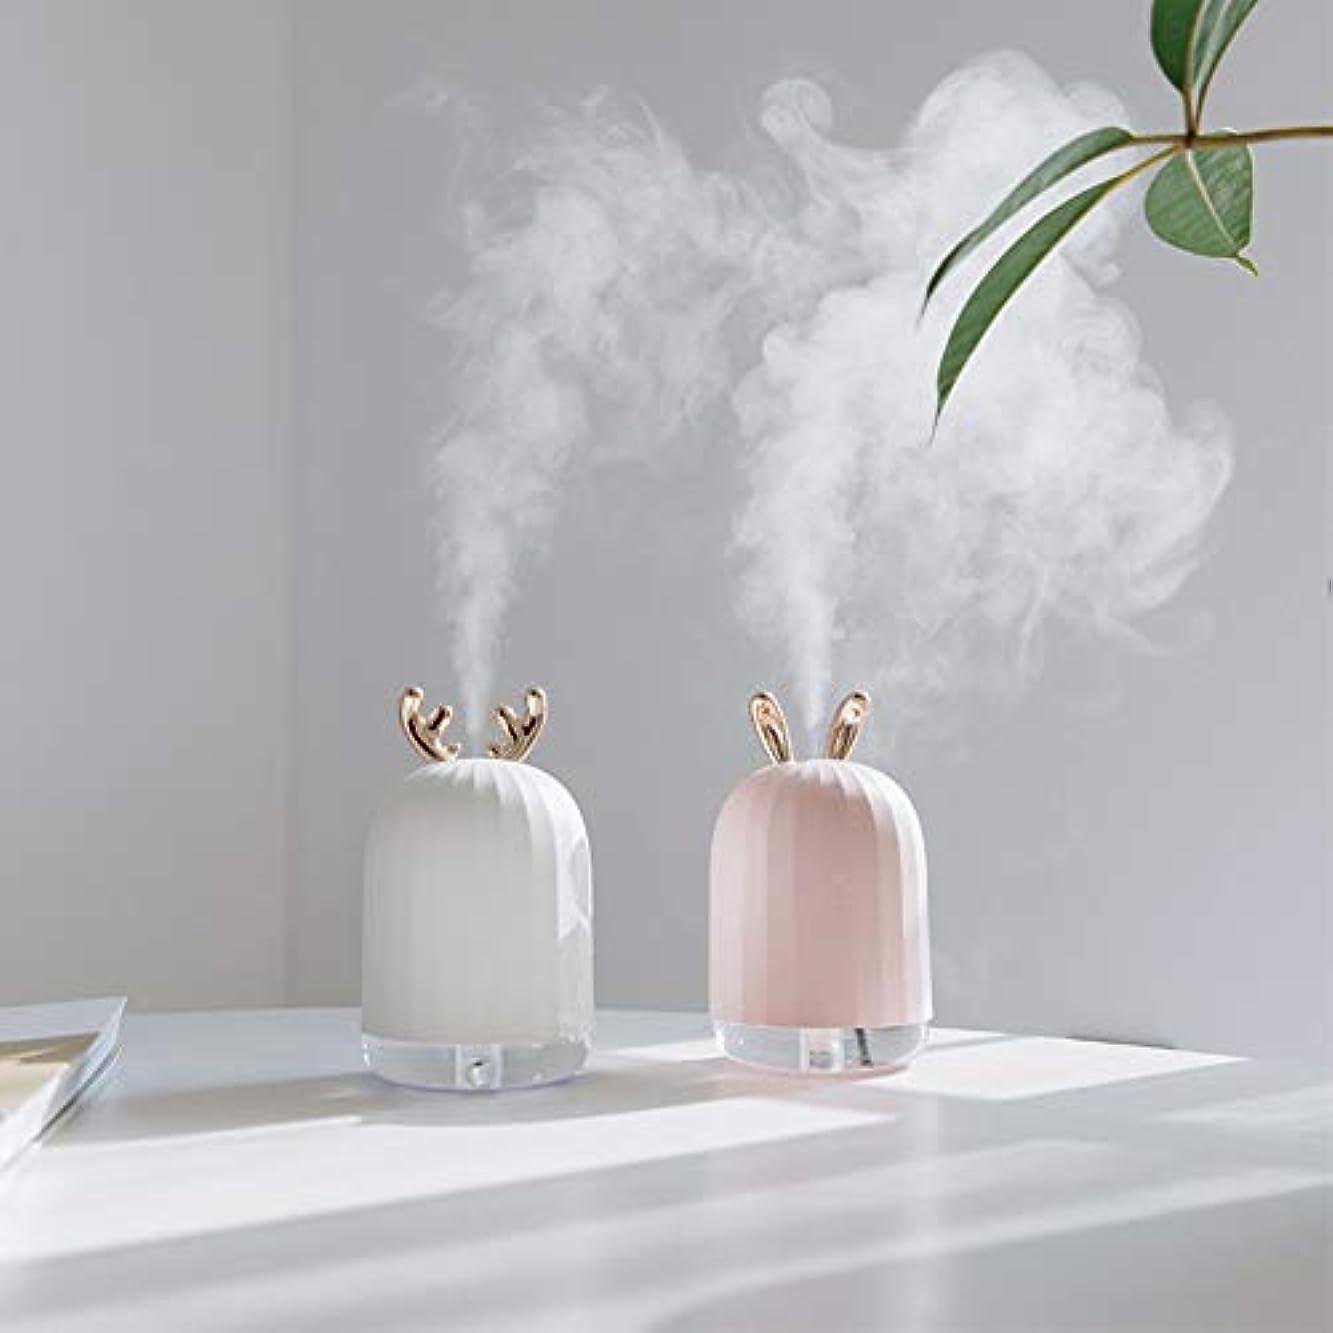 ゲートウェイ子供っぽい定期的なZXF LED水蒸気顔加湿器usb充電ナノスプレーカラフルな雰囲気ライトホワイトアントラーズピンクうさぎモデルでクリエイティブ美容水和機器コールドスプレークリエイティブ 滑らかである (色 : White)